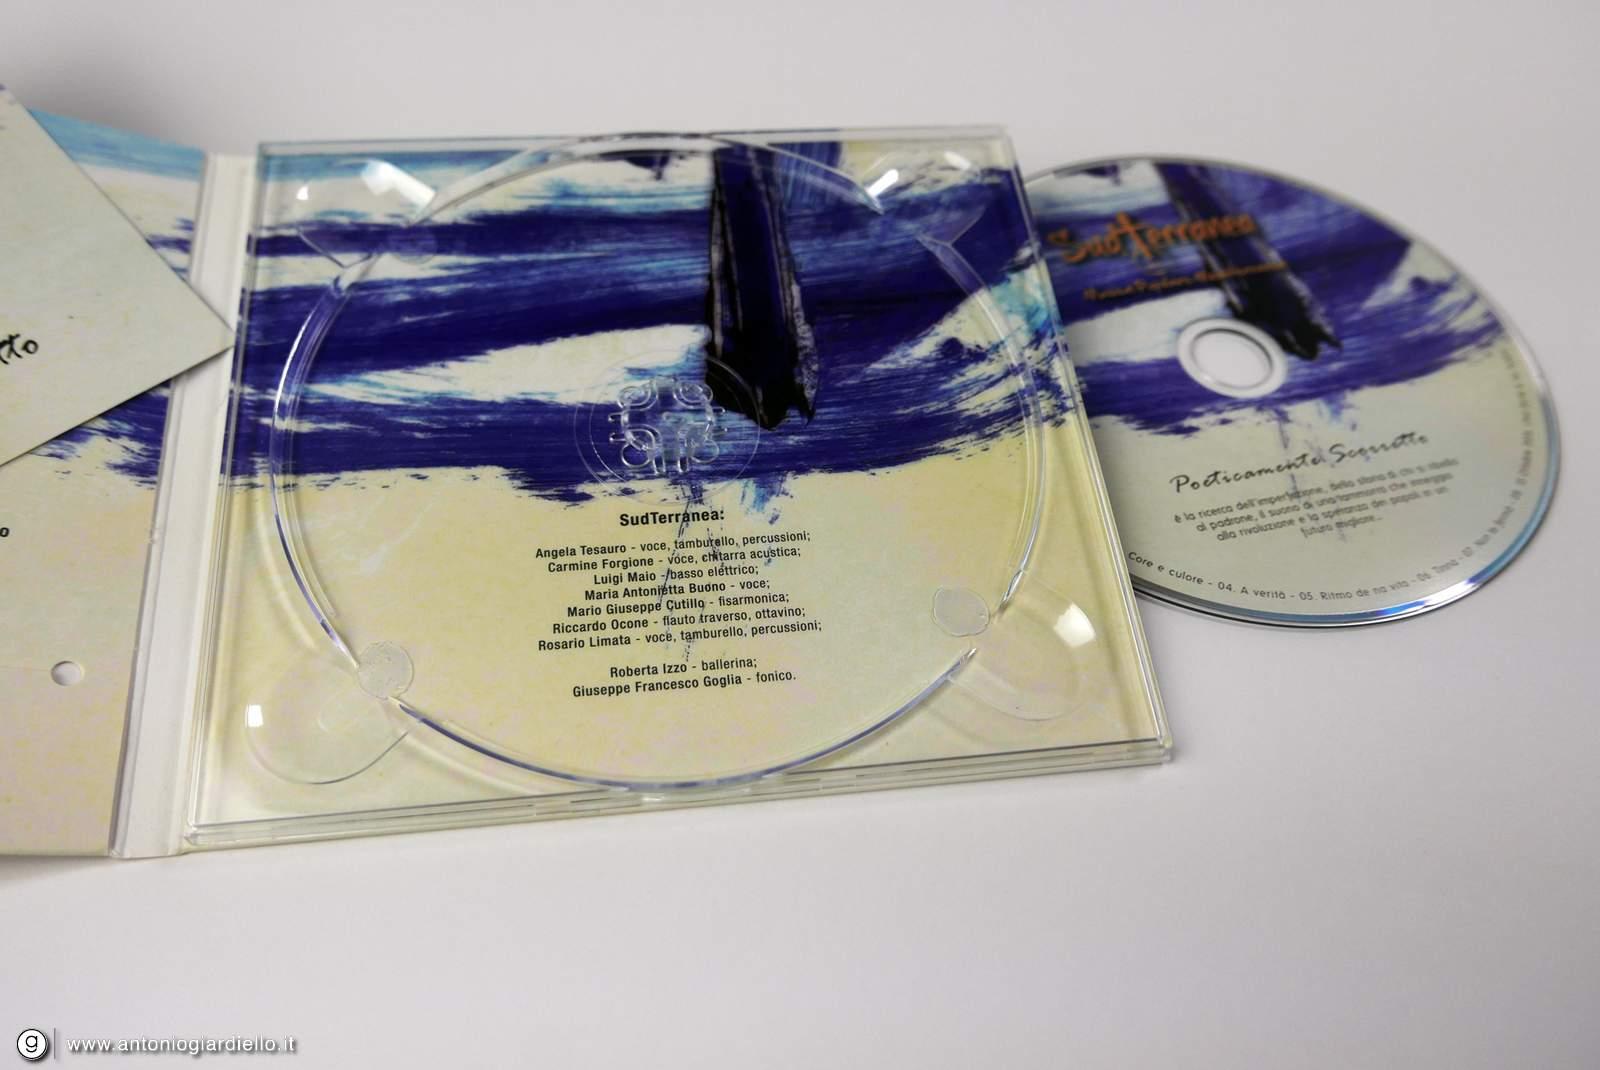 progettazione grafica album musicale poeticamente scorretto dei sudterranea9.jpg